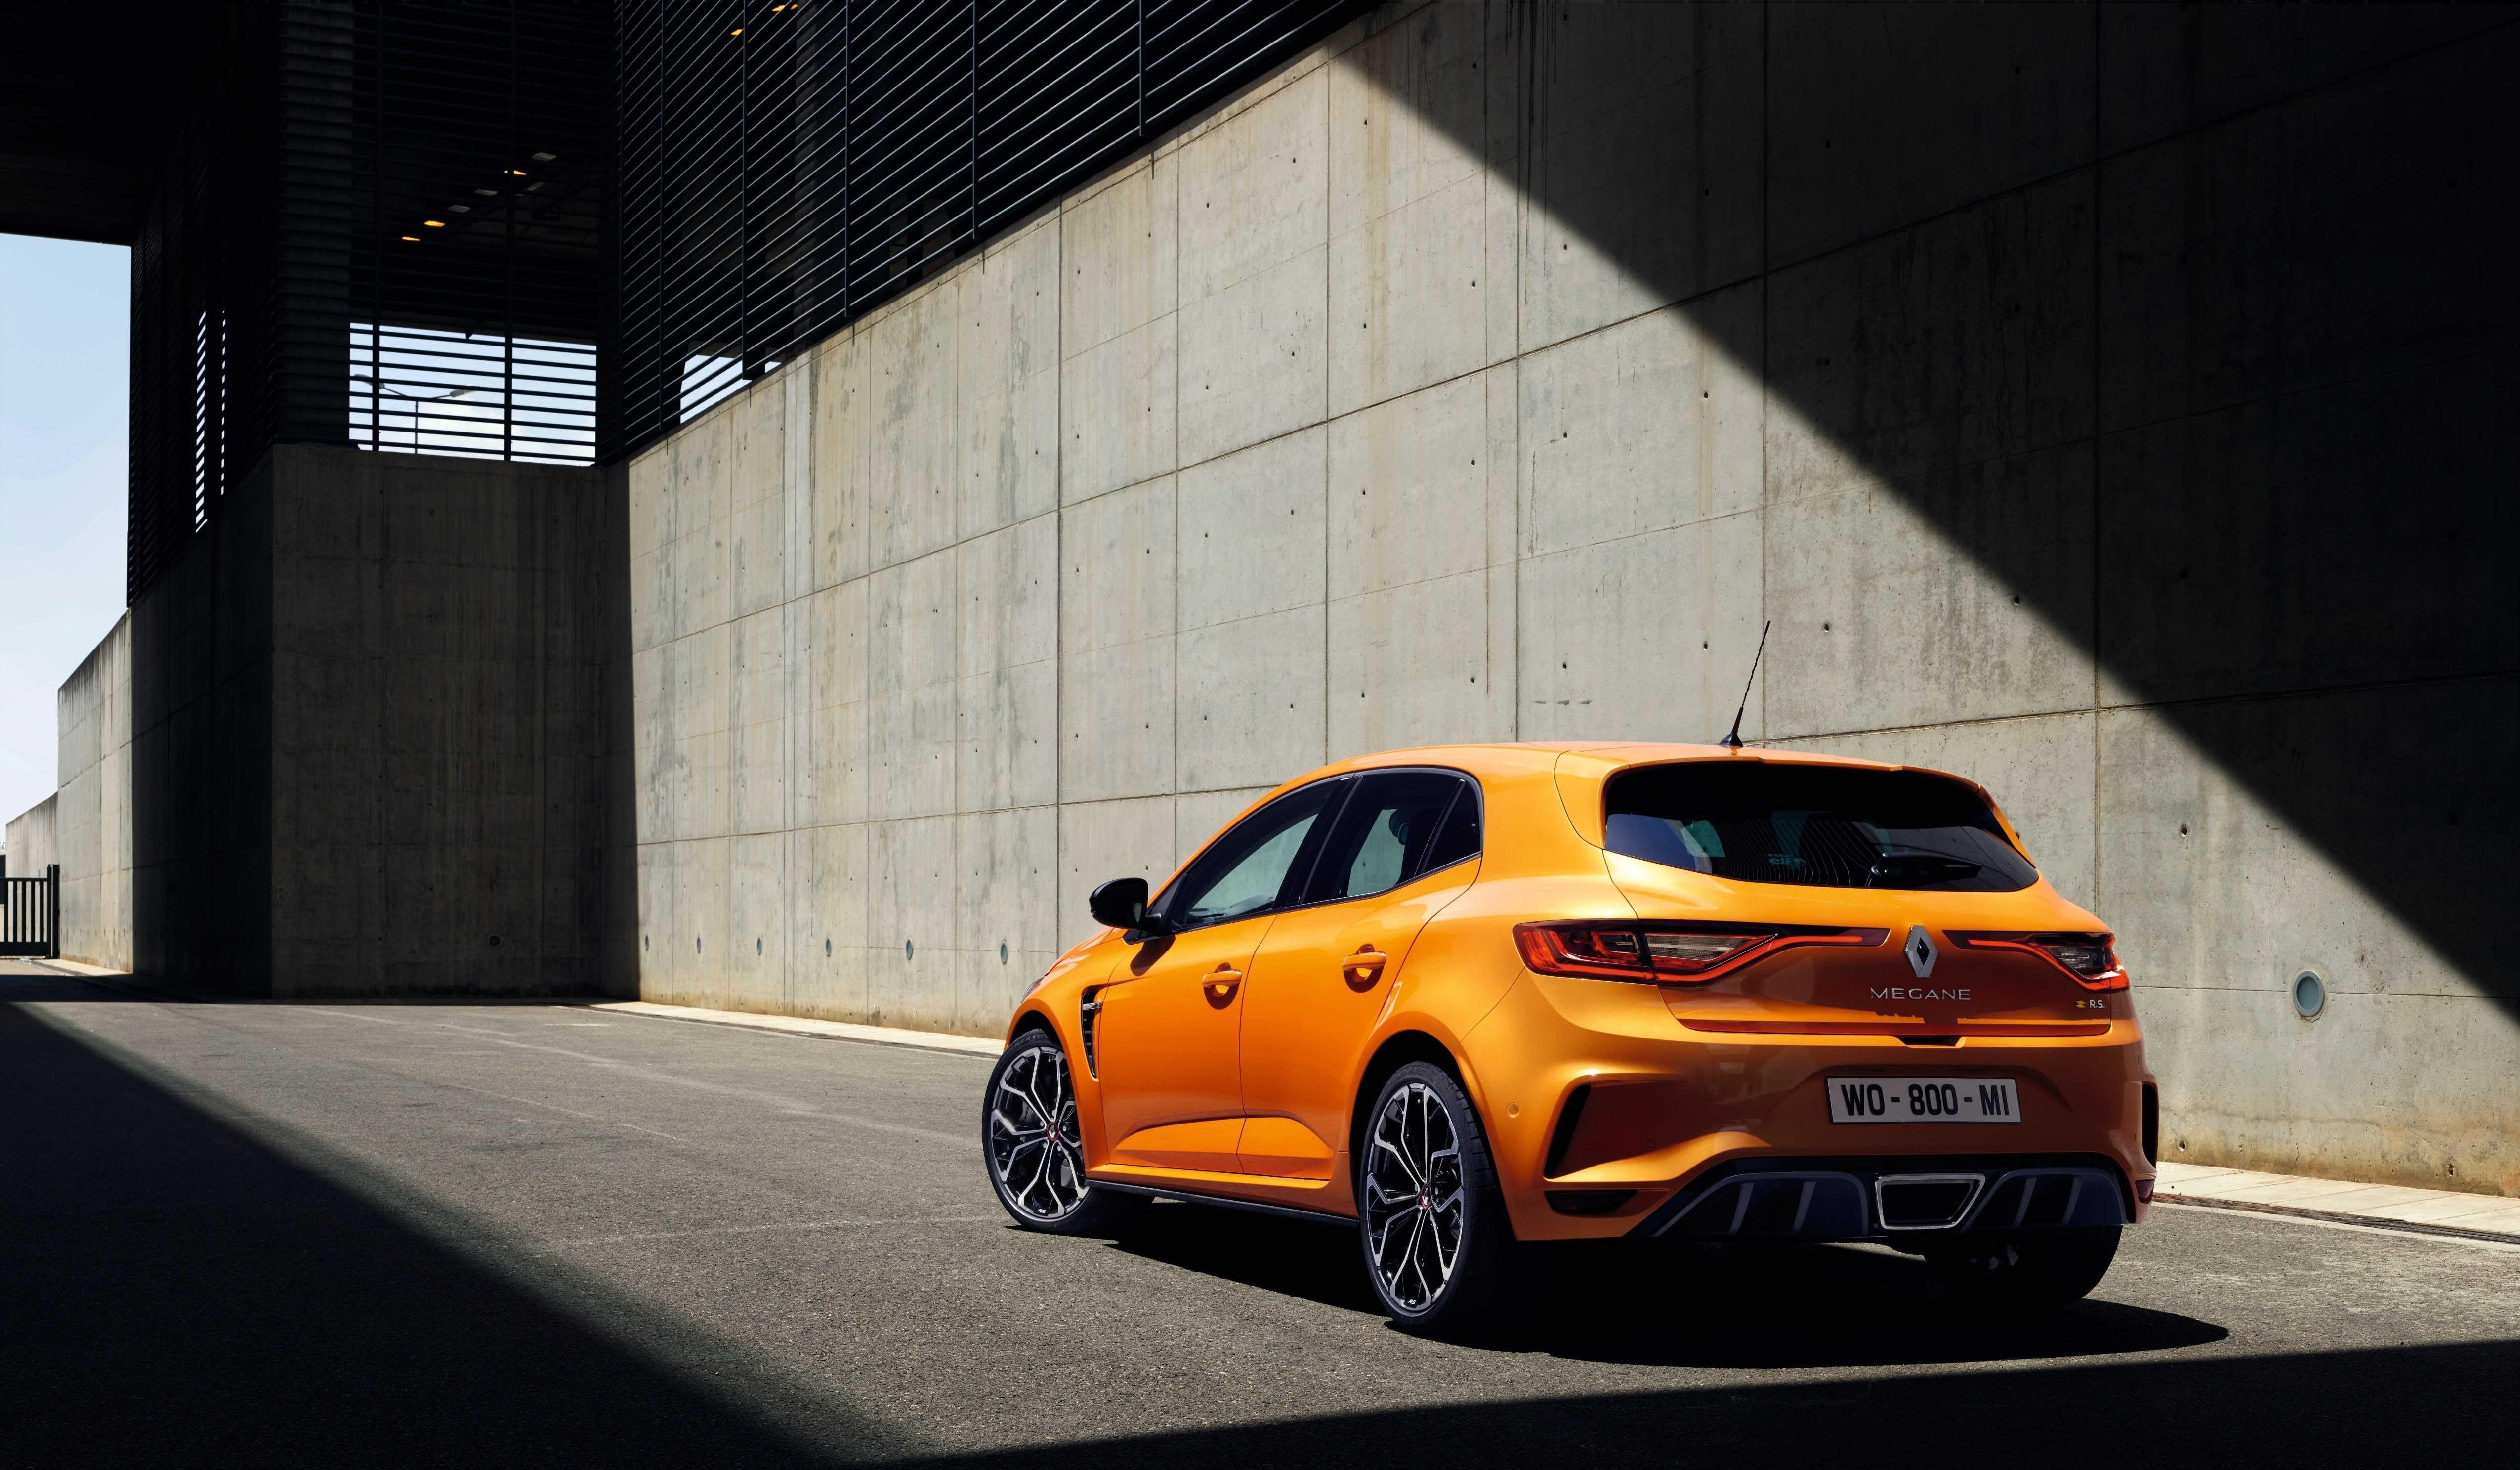 Renault Megane 4 Rs L Annonce Des Prix New Renault Car